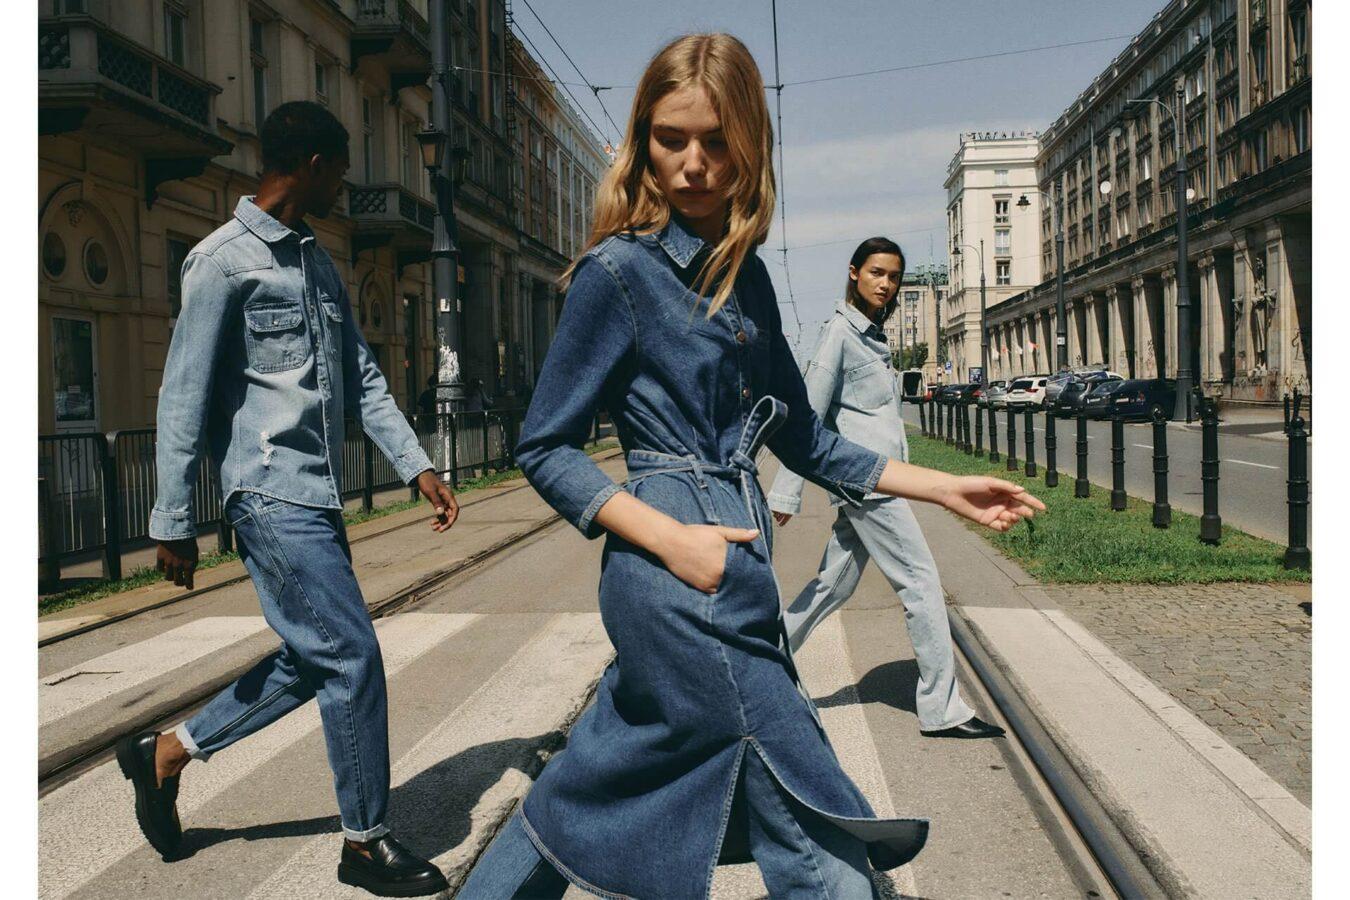 jeans król trendów trendy jesień 2020 troje modelów na ulicy